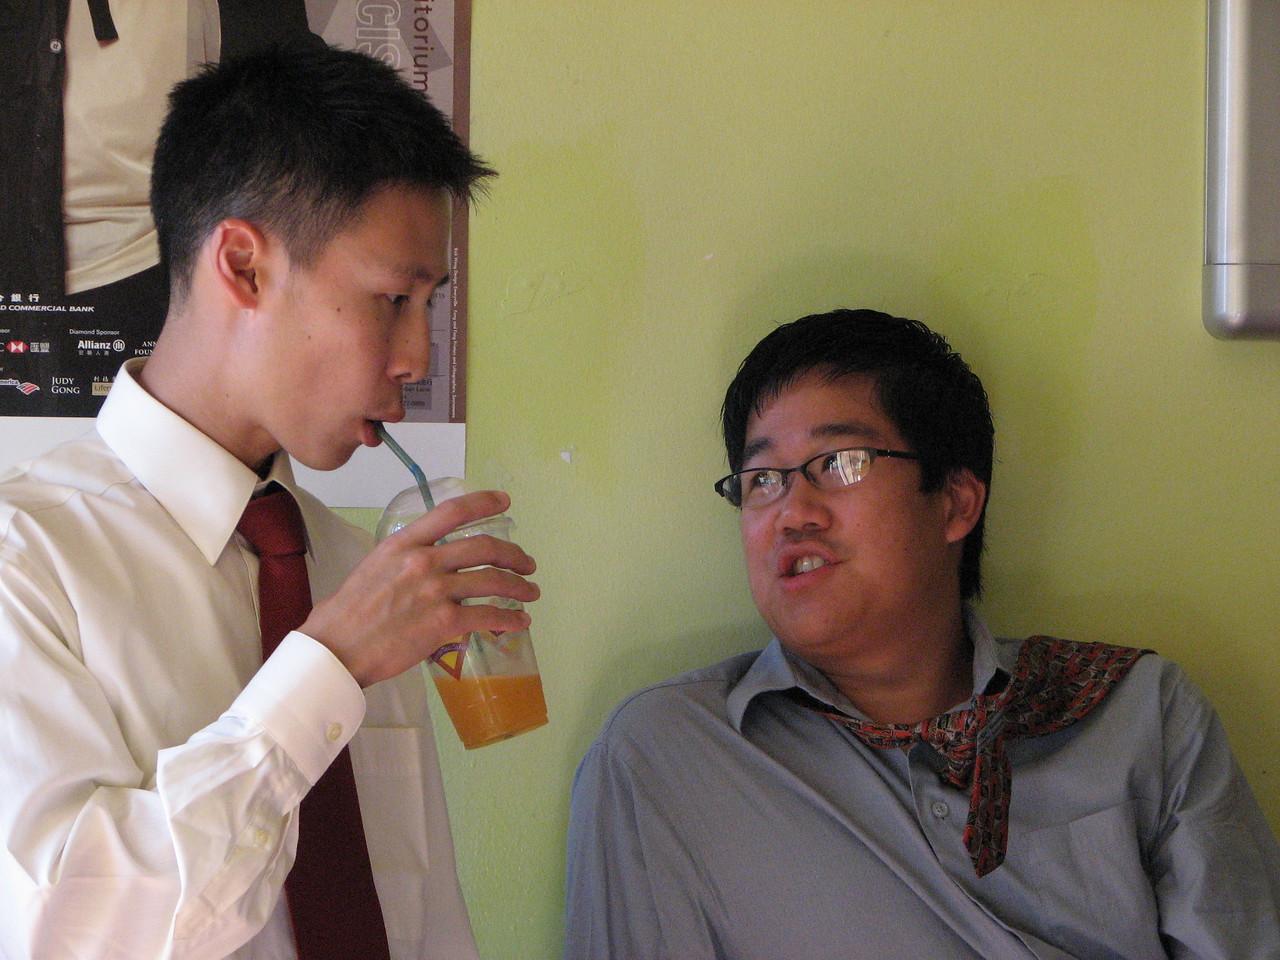 2006 10 08 Sun - In between boba @ Café Verde again - Dave Lee & Eric Liang